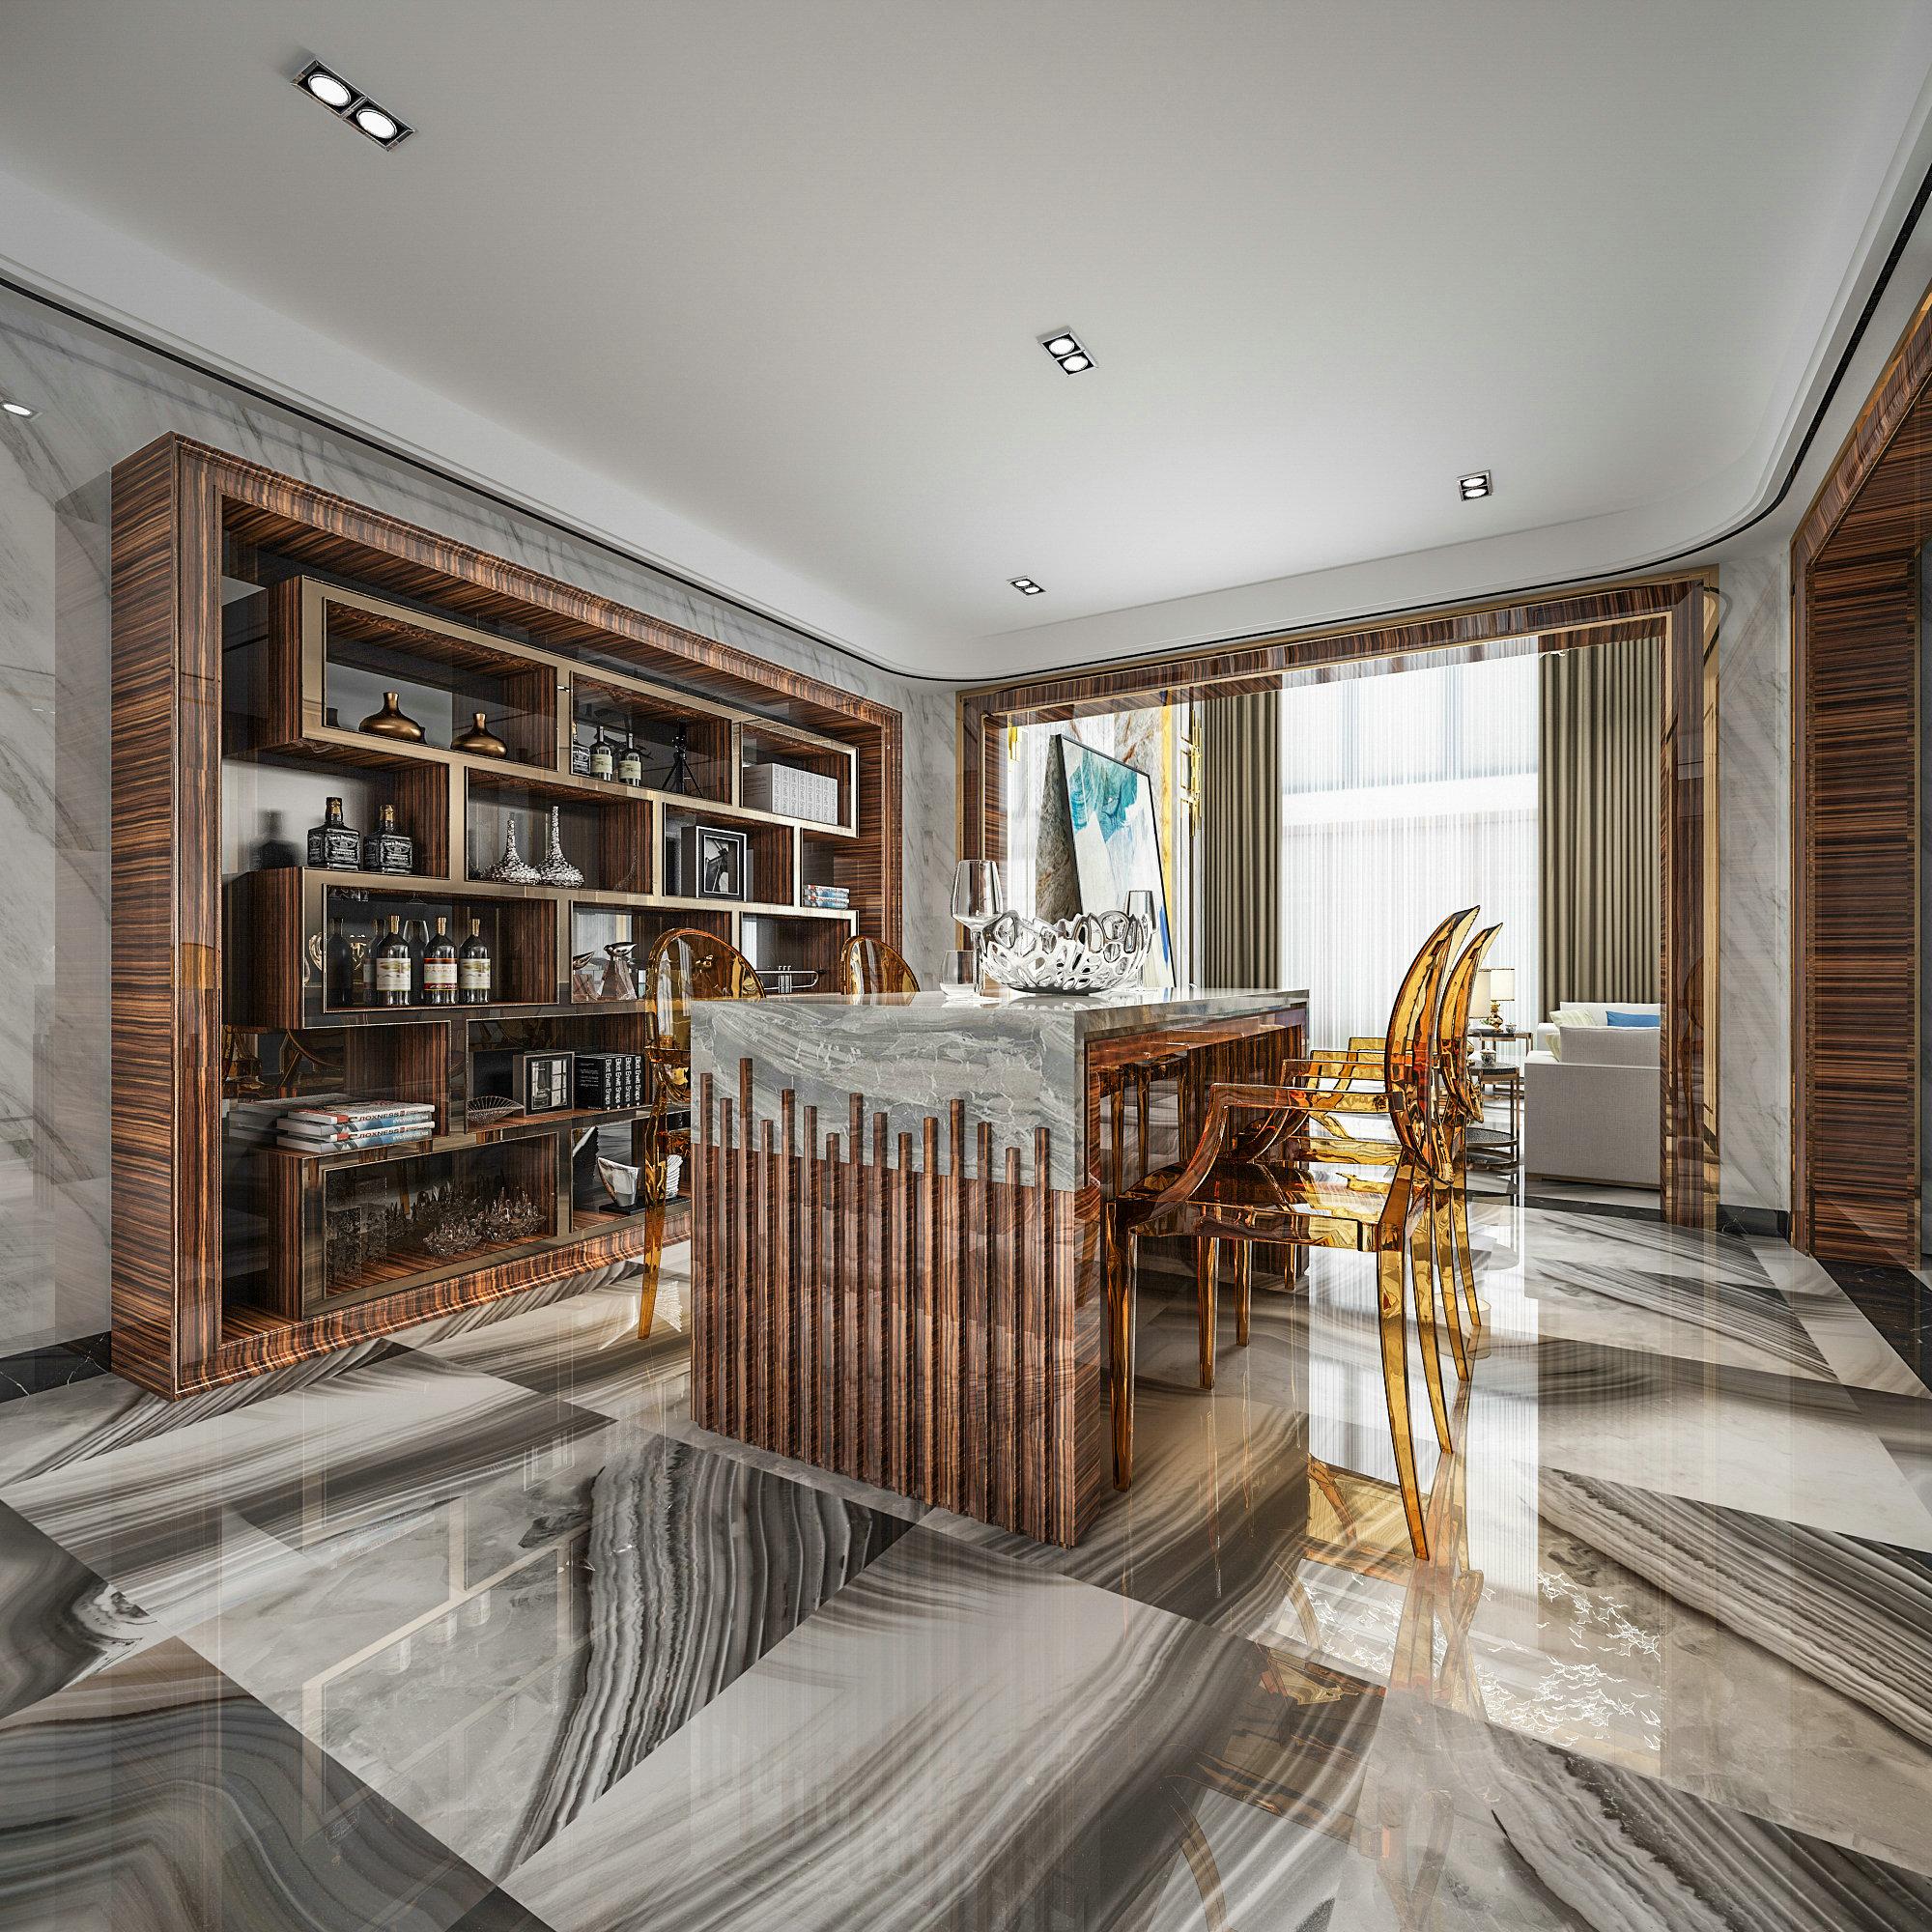 联恒名人世 别墅装修 现代风格 腾龙设计 餐厅图片来自孔继民在恒联名人世家别墅装修现代风格的分享